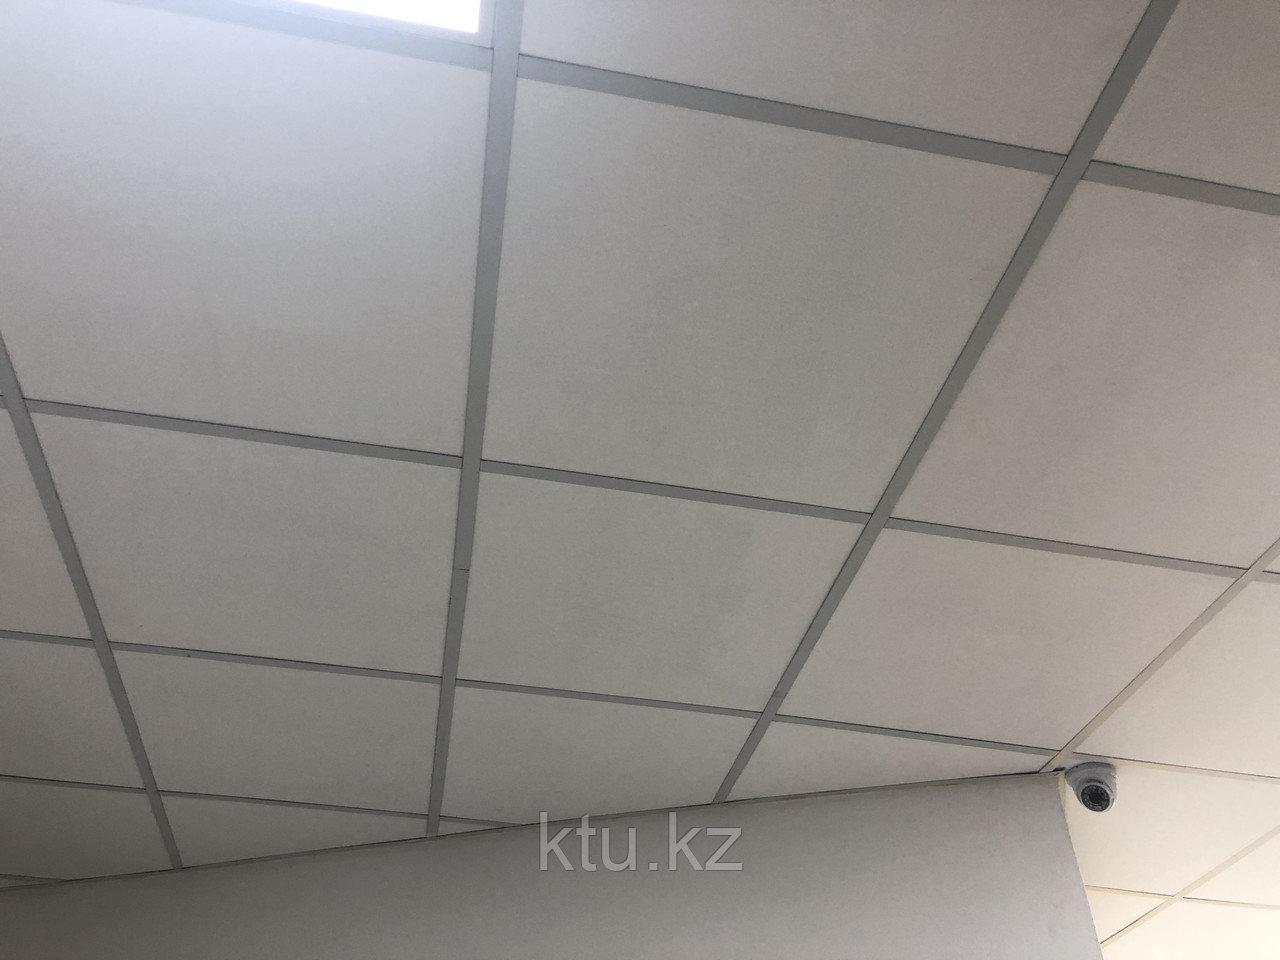 Подвесной потолок армстронг с комплектующими - фото 9